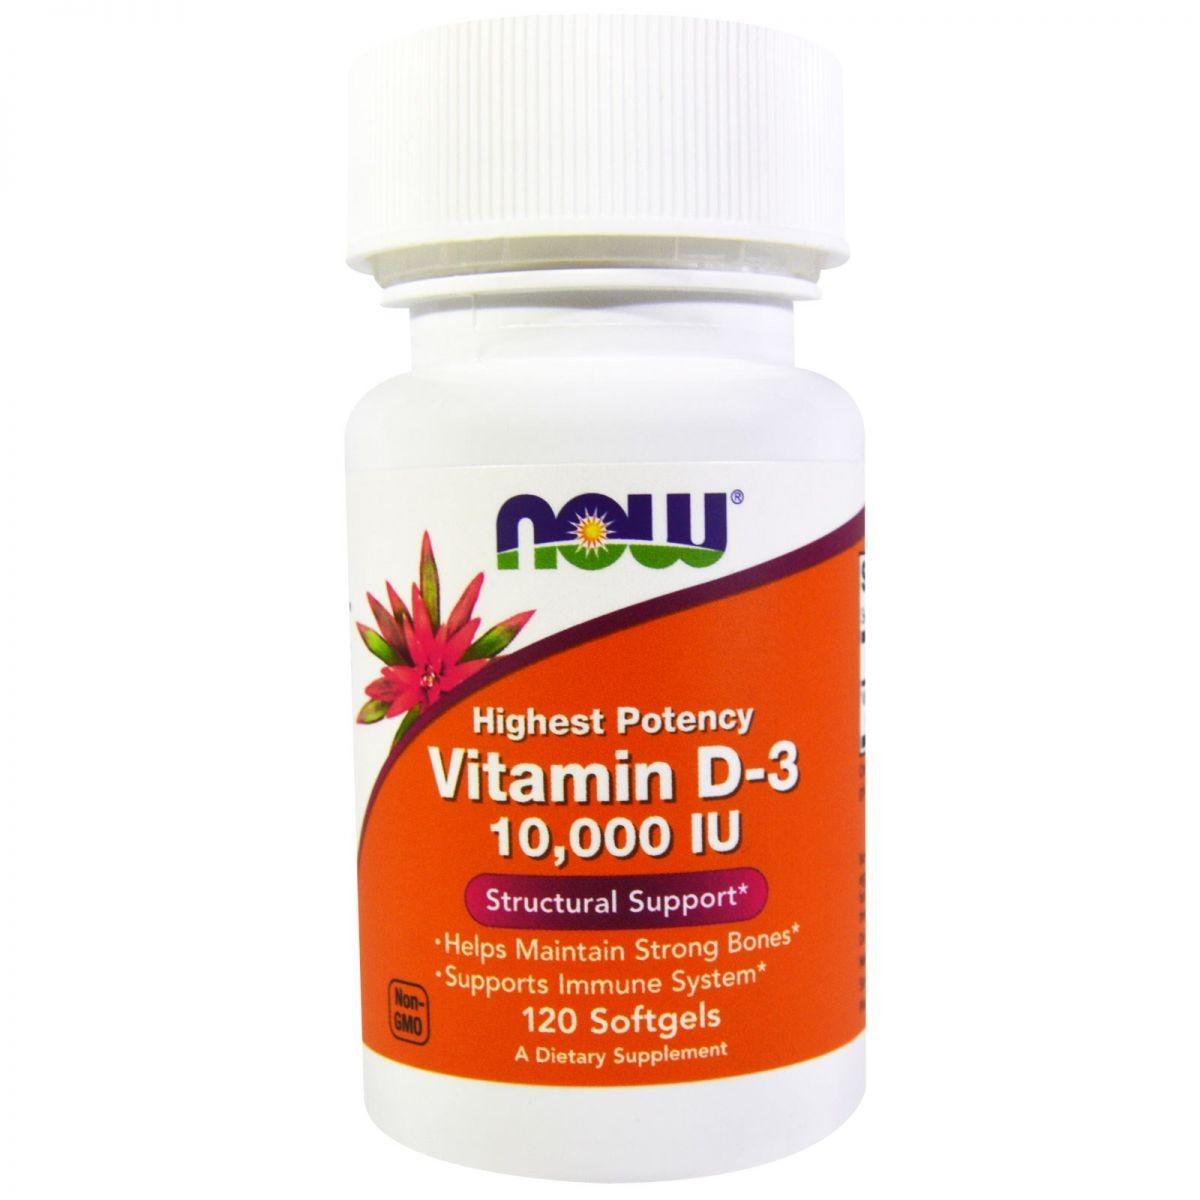 Foto 1 - Vitamina D3 Now 10.000 Iu (120 Capsulas) - Now Foods